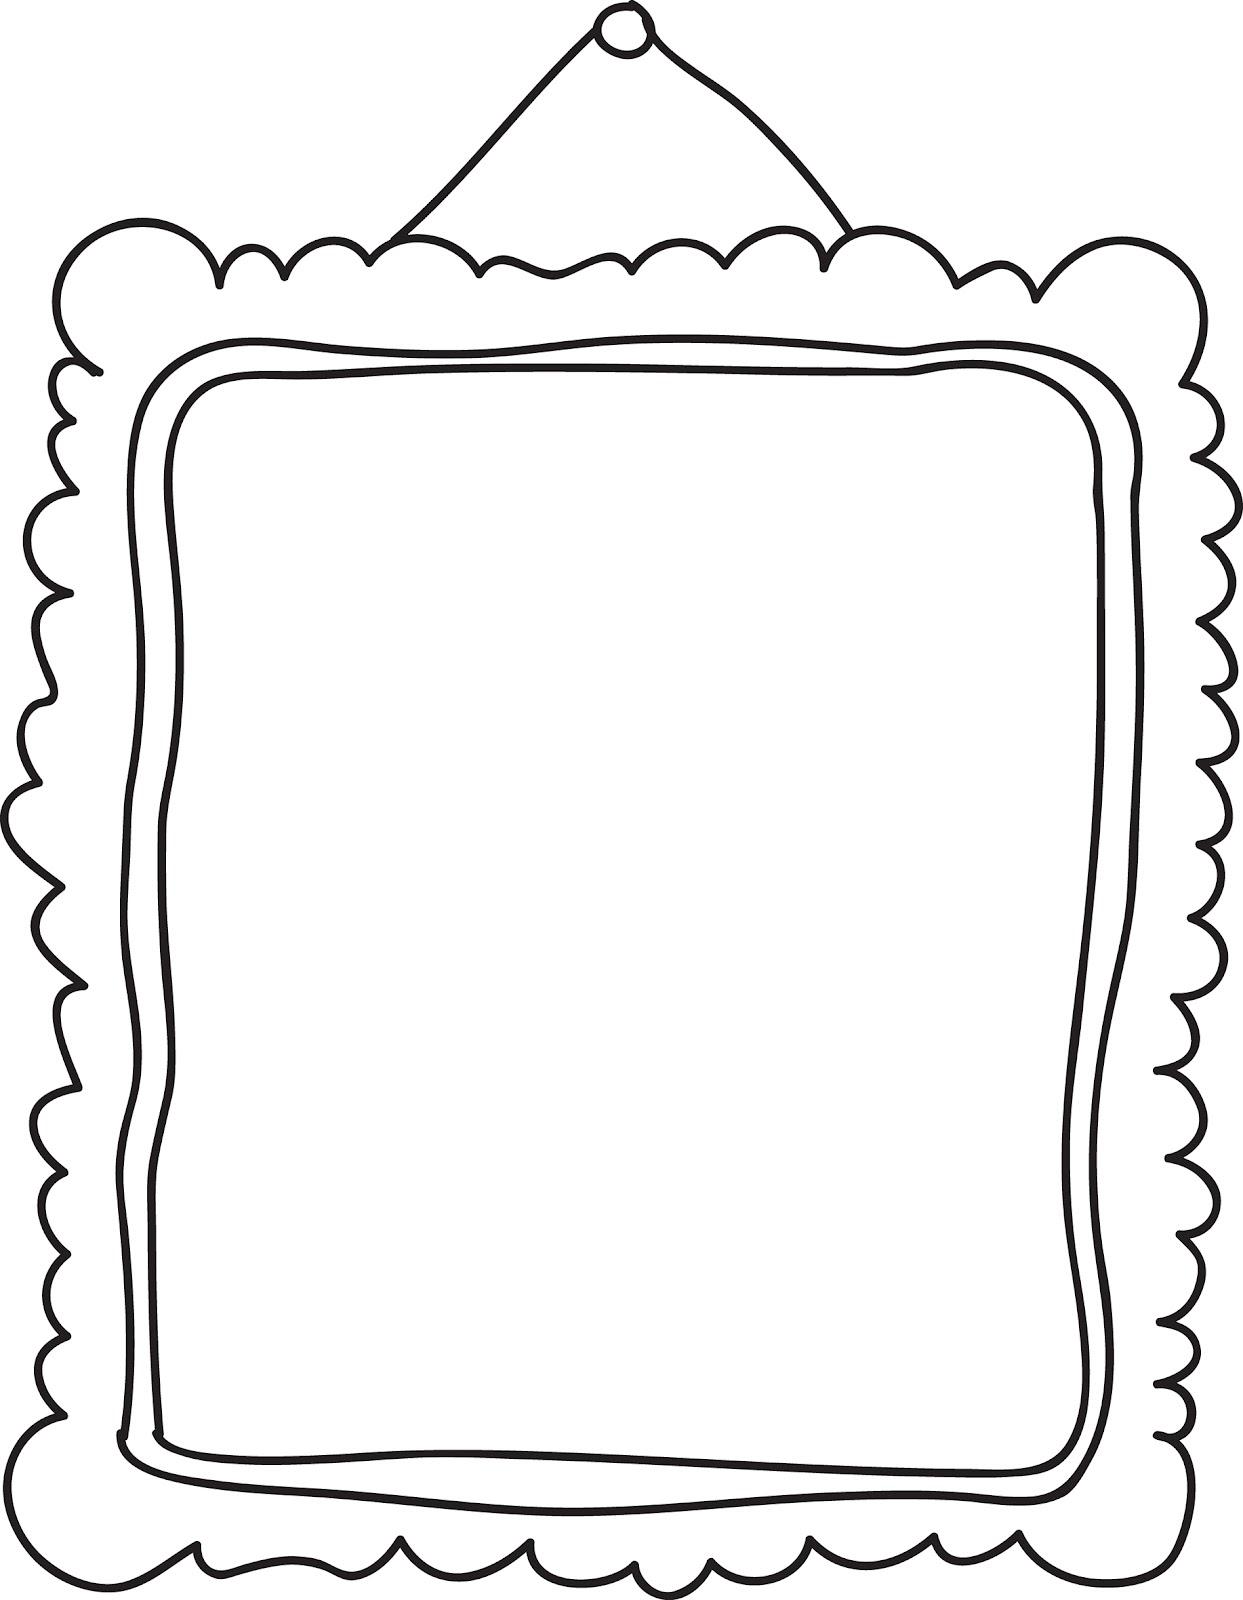 frame clipart-frame clipart-1